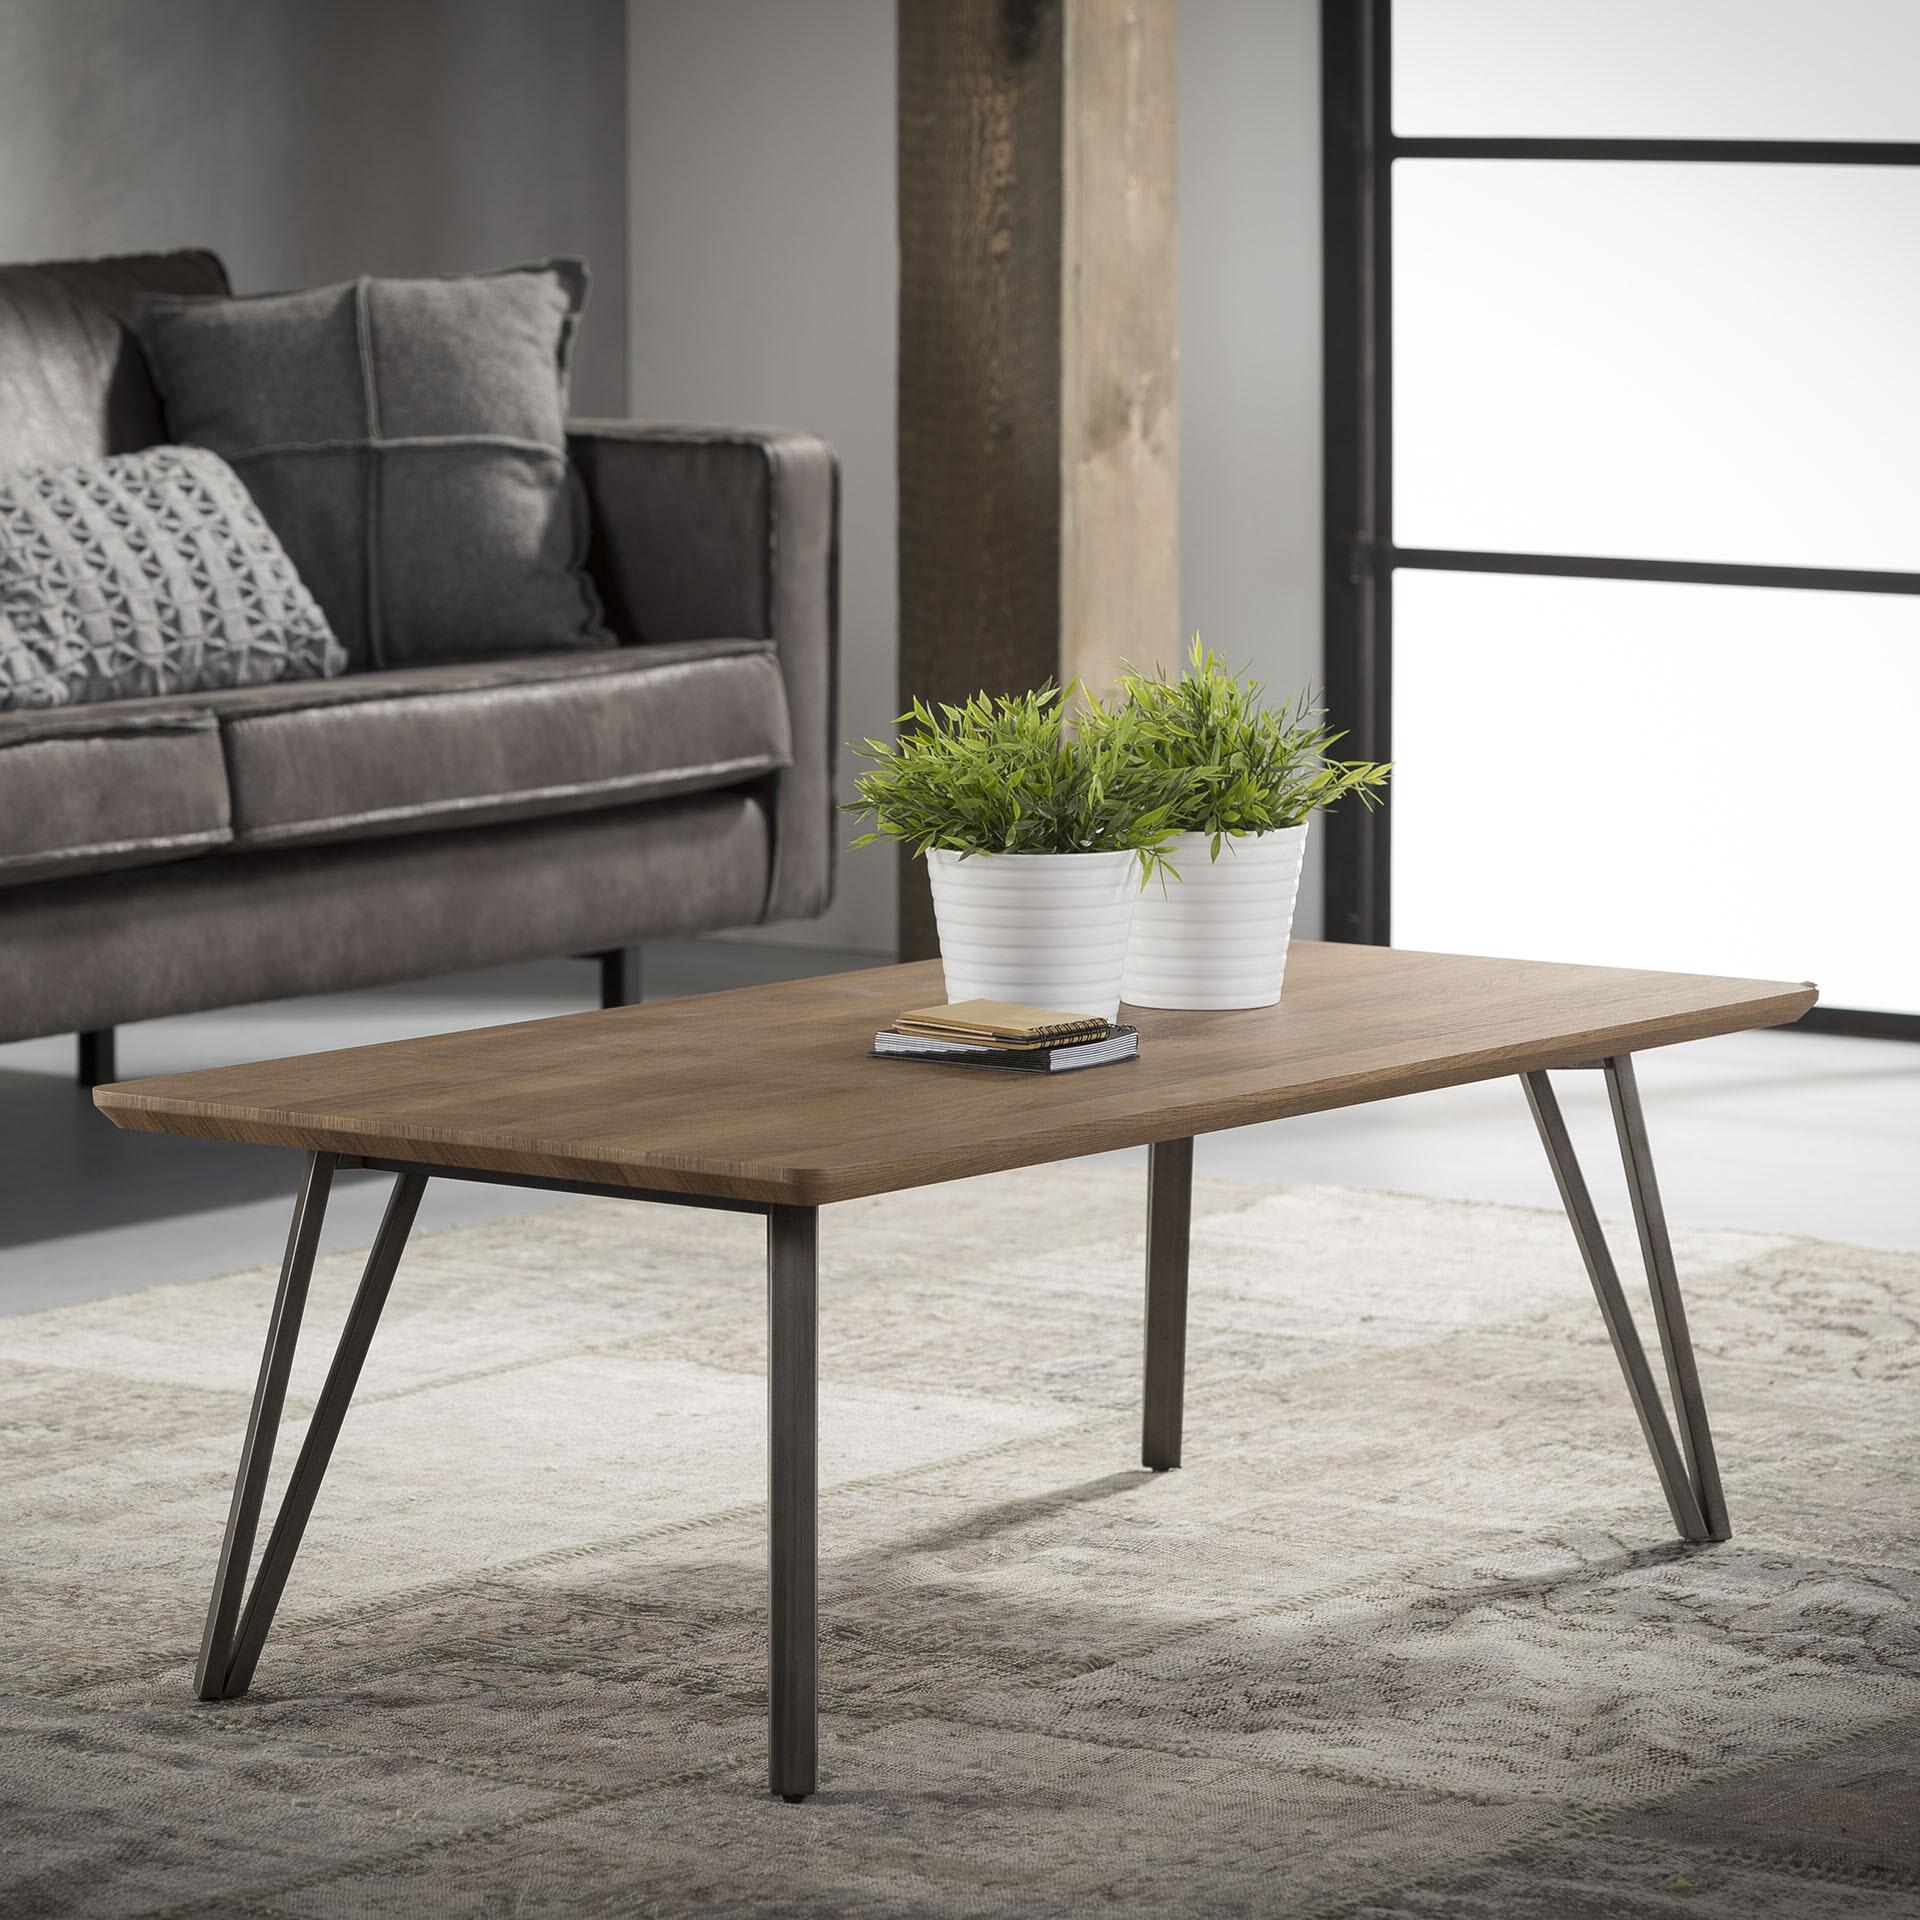 Op SlaapkamerComfort: Alles voor slapen is alles over meubelen te vinden: waaronder meubelpartner en specifiek Salontafel Judy 120 x 60cm, 3D-eiken brownwash (Salontafel-Judy-120-x-60cm-3D-eiken-brownwash26704)